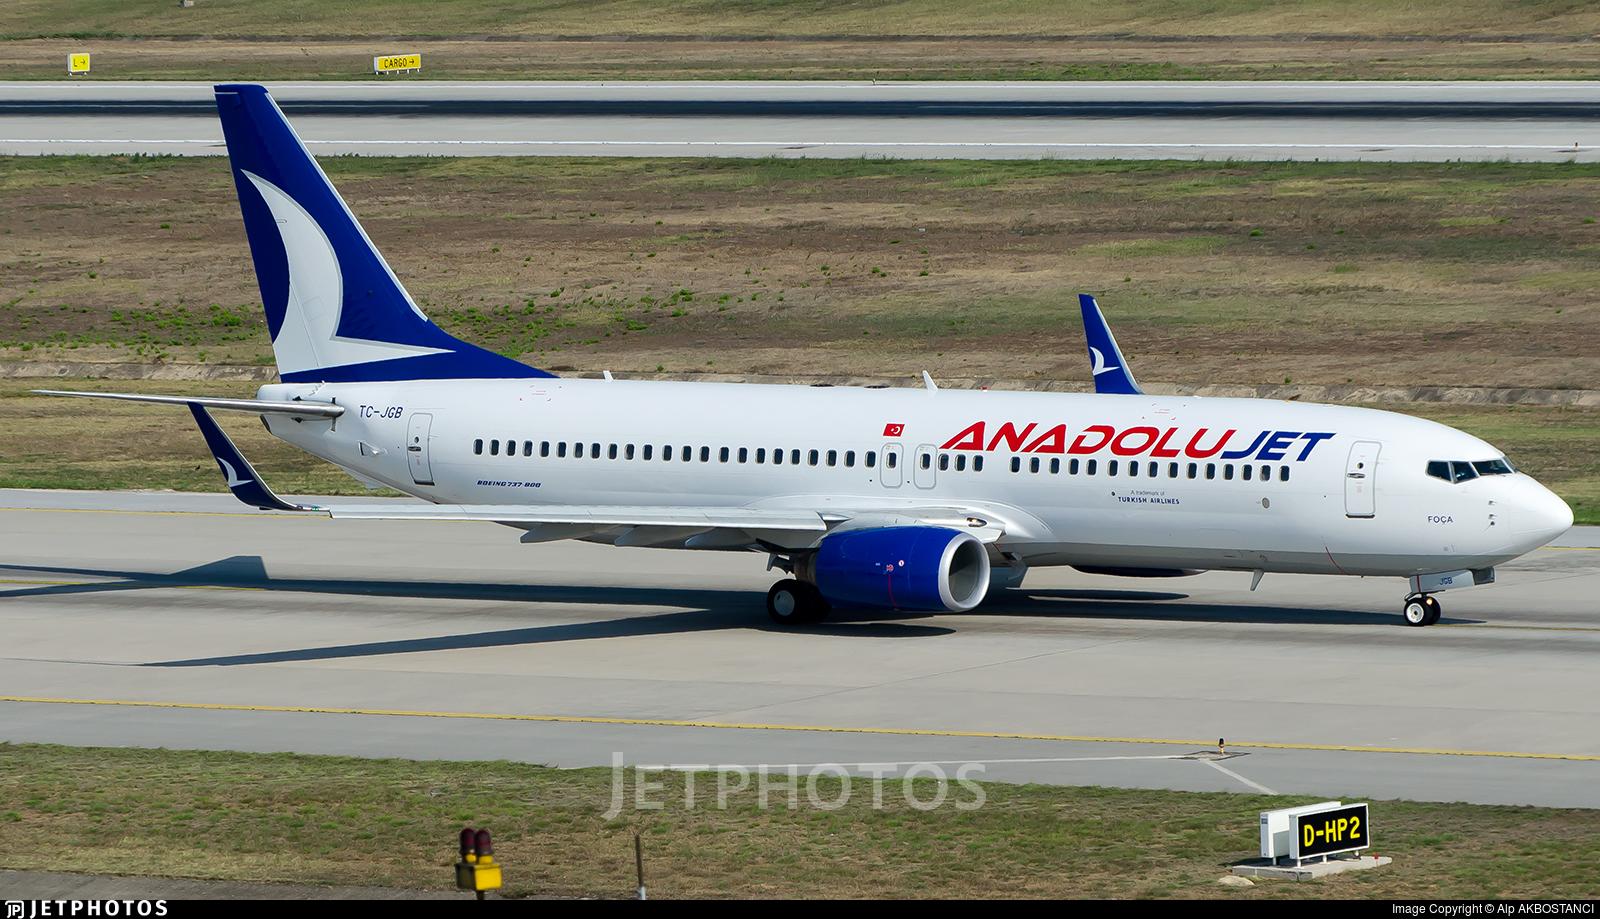 TC-JGB | Boeing 737-8F2 | AnadoluJet | Alp AKBOSTANCI | JetPhotos